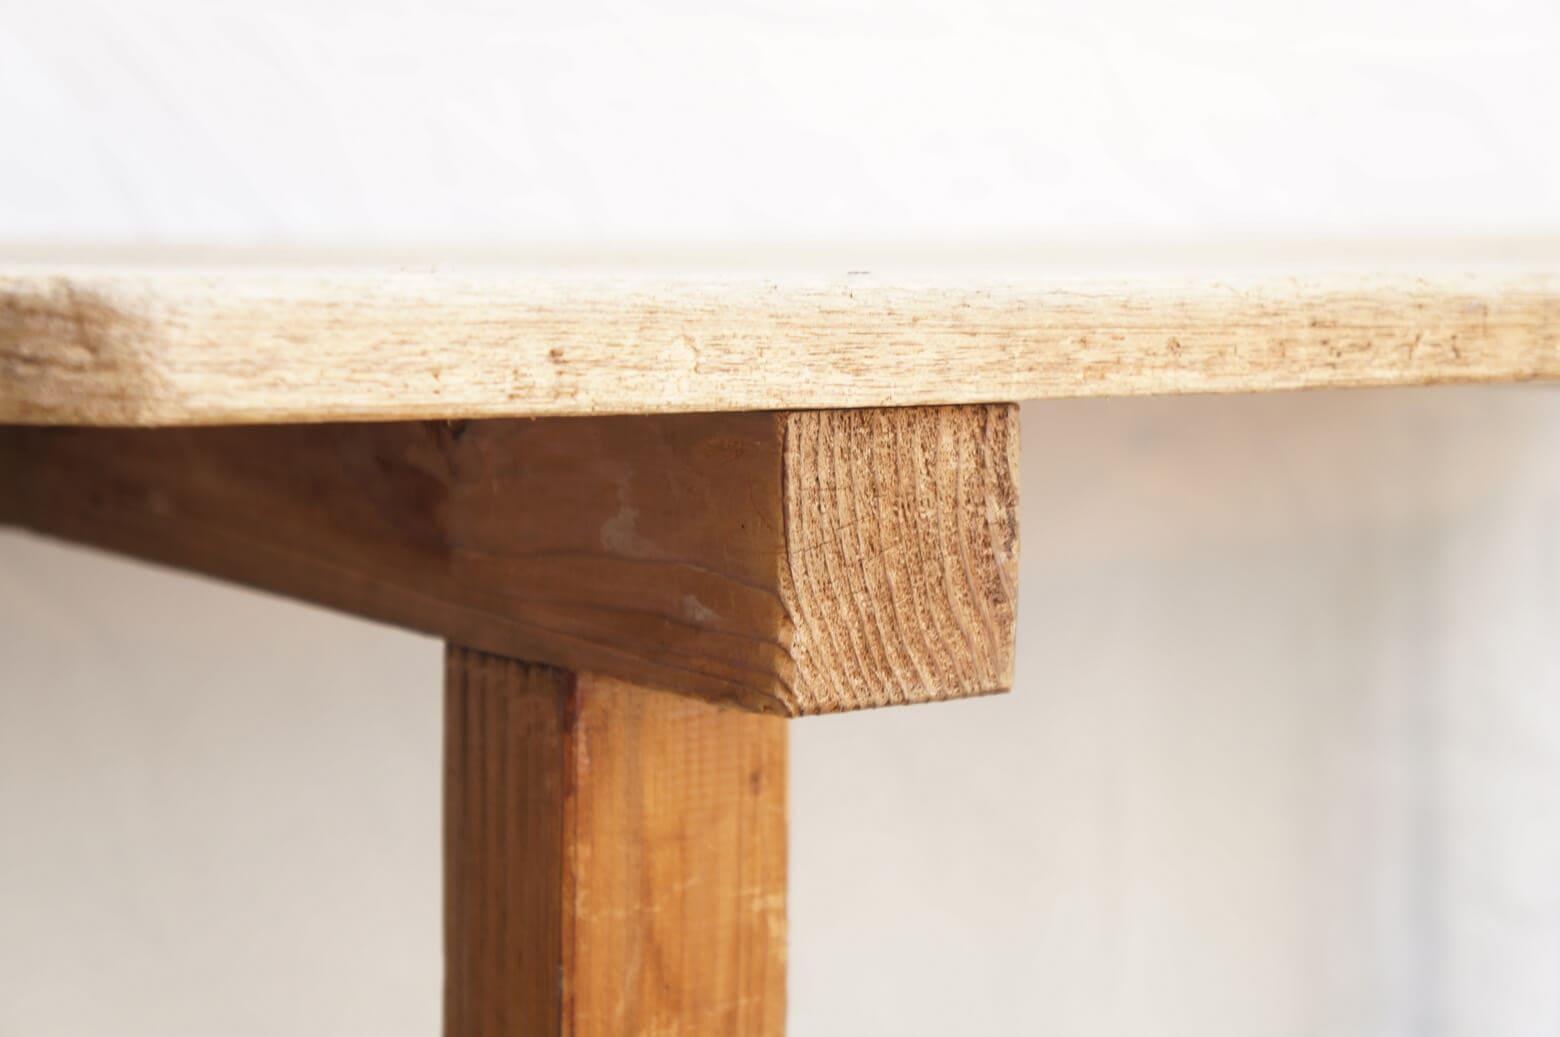 JAPAN VINTAGE WORK ATLIER TABLE OLD MATERIALS / ジャパン ビンテージ 作業台 アトリエ テーブル 古材 【商品説明】 長い年月を経て、郷愁さえ感じてしまうような どこか懐かしいアトリエテーブルが入荷致しました。 シャビーな表情をもつ天板はもともと床板だったものを融通しており どのような経緯でこのテーブルが作られたのか推理するのも 古い家具の面白さでもあります。 本来は立って使用する物ですので 通常のダイニングテーブルよりも高さがございますが 座面高さが55cm~60cm程の椅子やスツールで 座ってご使用頂けるかと思います。 フランスアンティークのアトリエテーブルにも通ずるデザインが シャビーシックやインダストリアルなどのインテリアスタイルにも 相性の良くマッチしてくれます。 釘打ちで組み立てられており、 経年によるぐらつきがございますので、 店舗什器やディスプレイ棚におすすめのお品物です。中古,東京都,杉並区,阿佐ヶ谷,北,アンティーク,ショップ,古一,ZACK,高円寺,店,古,一,出張,無料,買取,杉並区,周辺,世田谷区,目黒区,武蔵野市,新宿区,東京近郊,お見積もり,ビンテージ家具,インテリア雑貨,ランプ,USED品, リサイクル,ふるいち,フルイチ,古一,used,furuichi~【東京都杉並区阿佐ヶ谷北アンティークショップ 古一/ZACK高円寺店】 古一/ふるいちでは出張無料買取も行っております。杉並区周辺はもちろん、世田谷区・目黒区・武蔵野市・新宿区等の東京近郊のお見積もりも!ビンテージ家具・インテリア雑貨・ランプ・USED品・ リサイクルなら古一/フルイチへ~